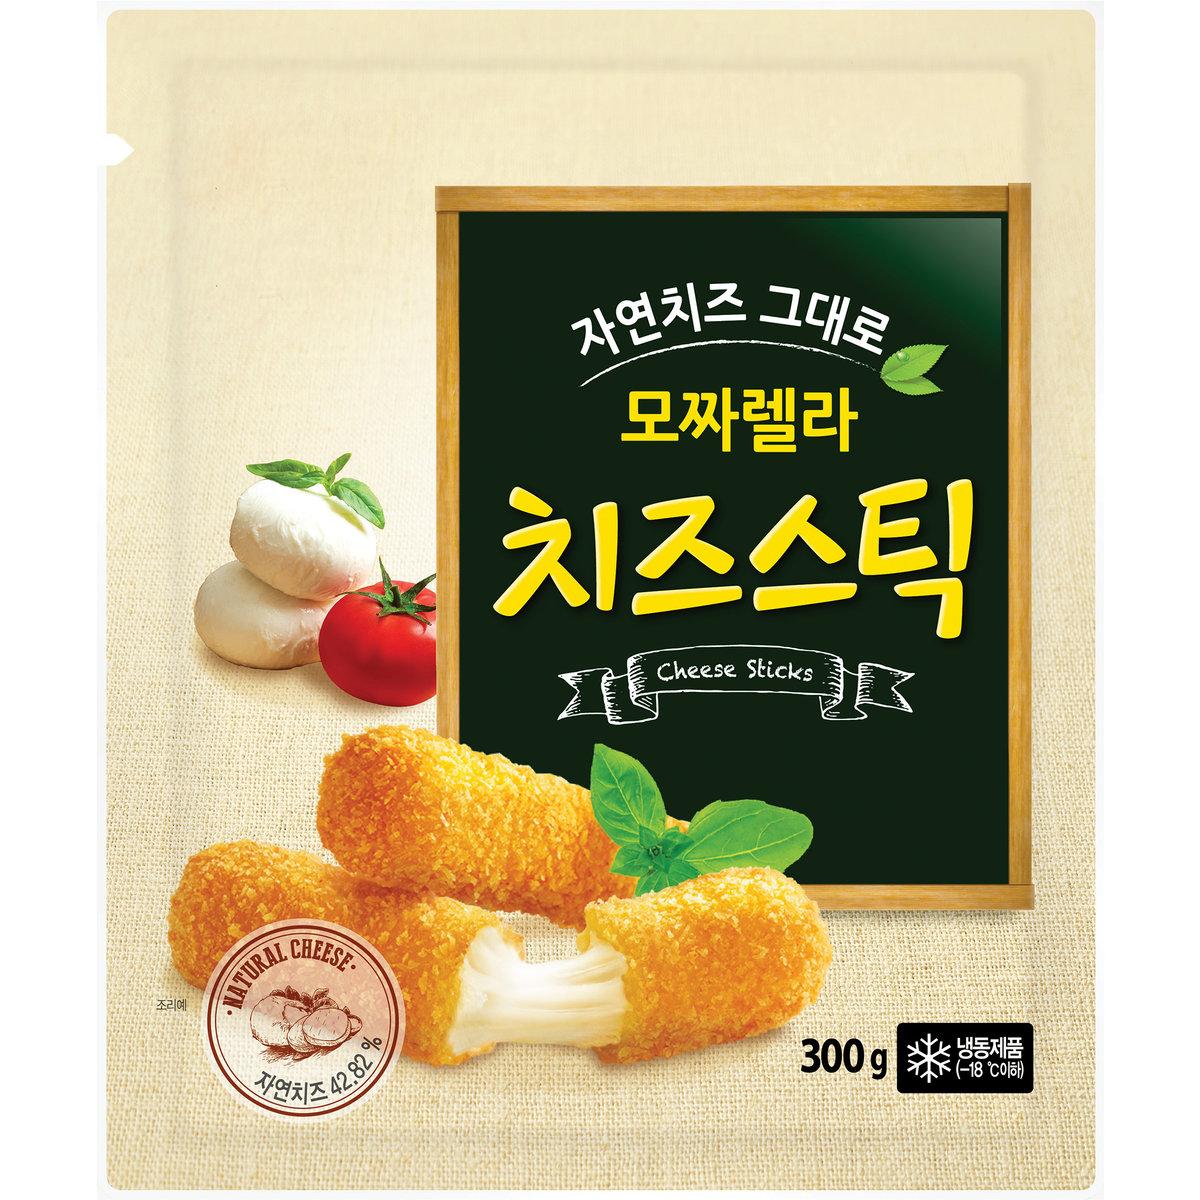 Korea Ourhome mozzarella cheese stick (around 300g)